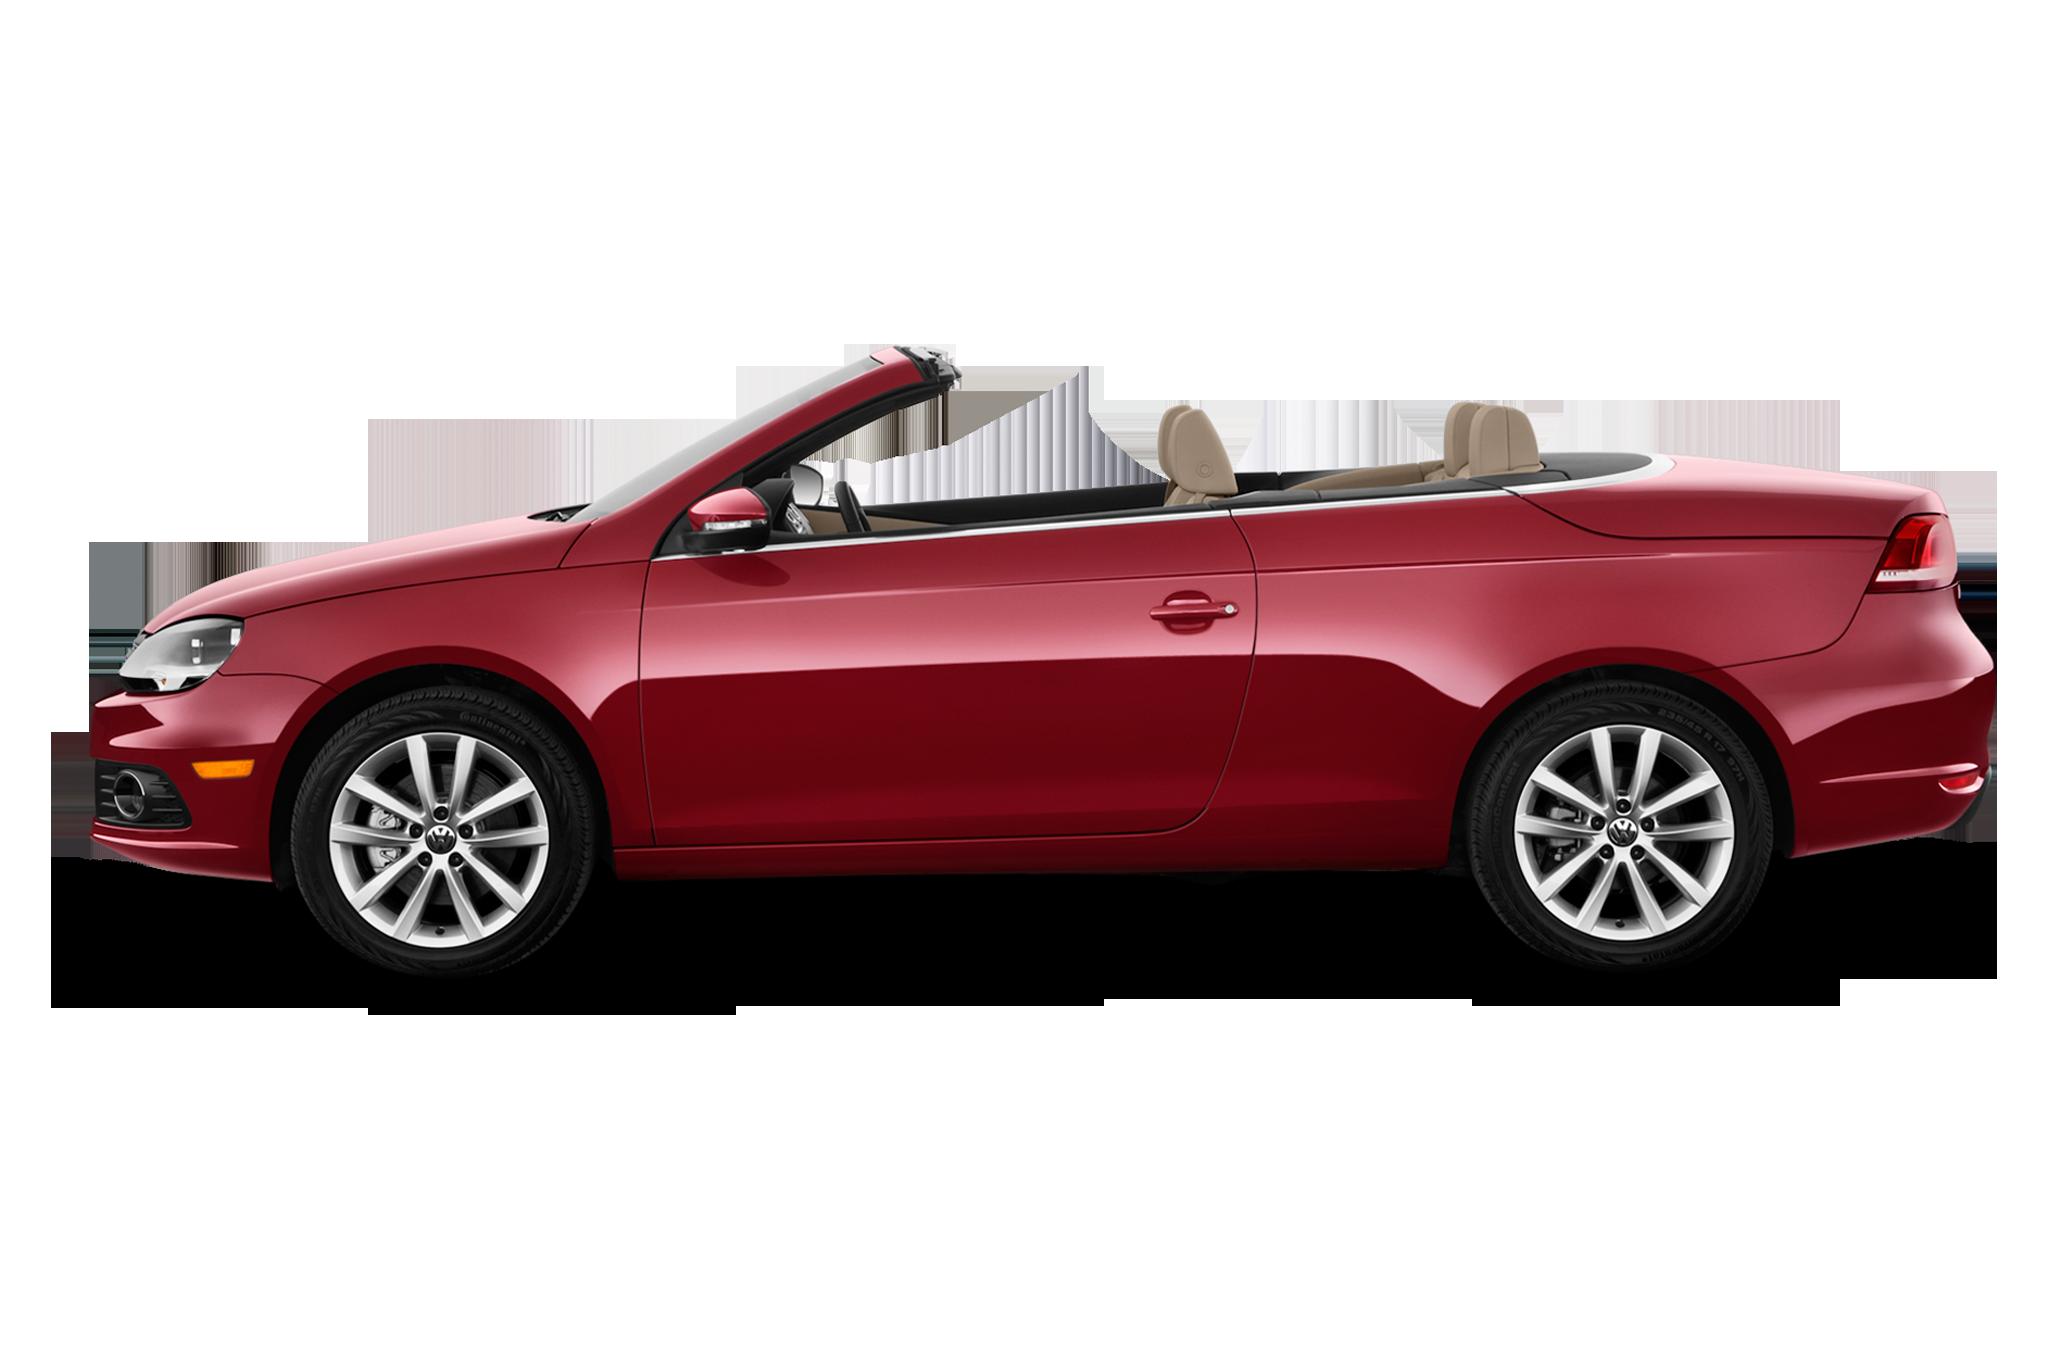 Volkswagen Eos I 2006 - 2010 Cabriolet #3